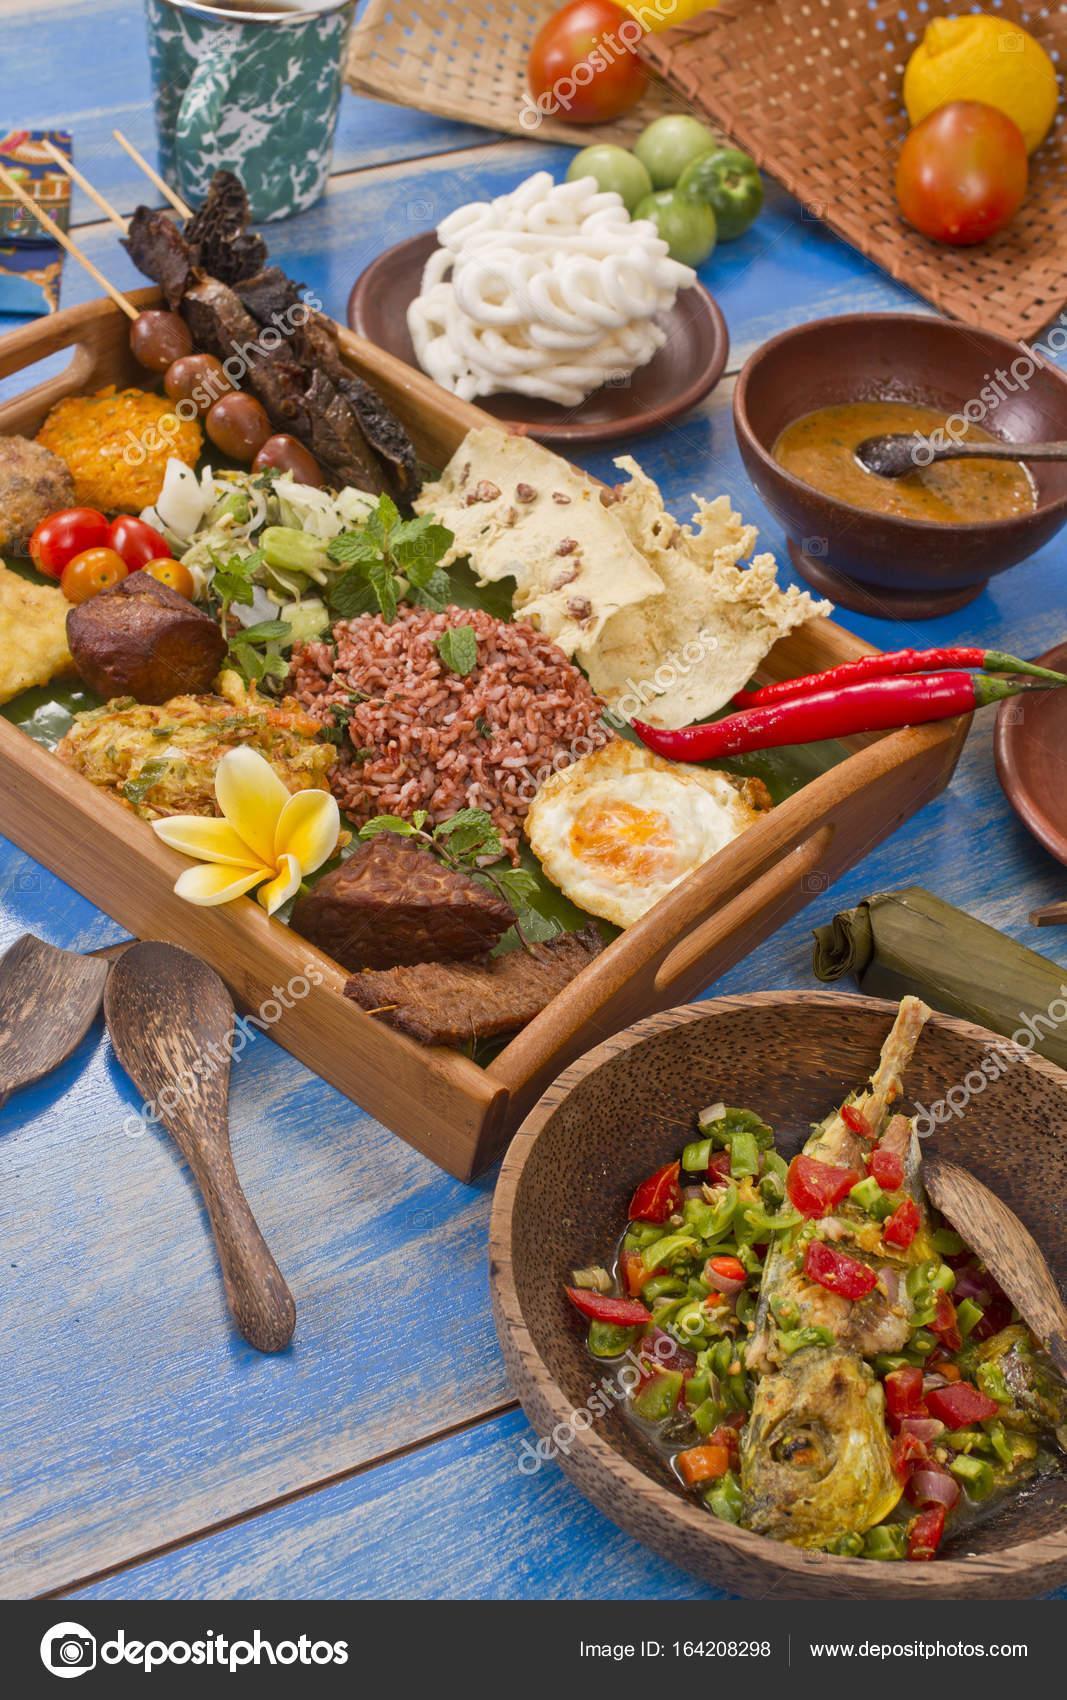 インドネシア pecel 野菜サラダ ストック写真 ismedhasibuan 164208298